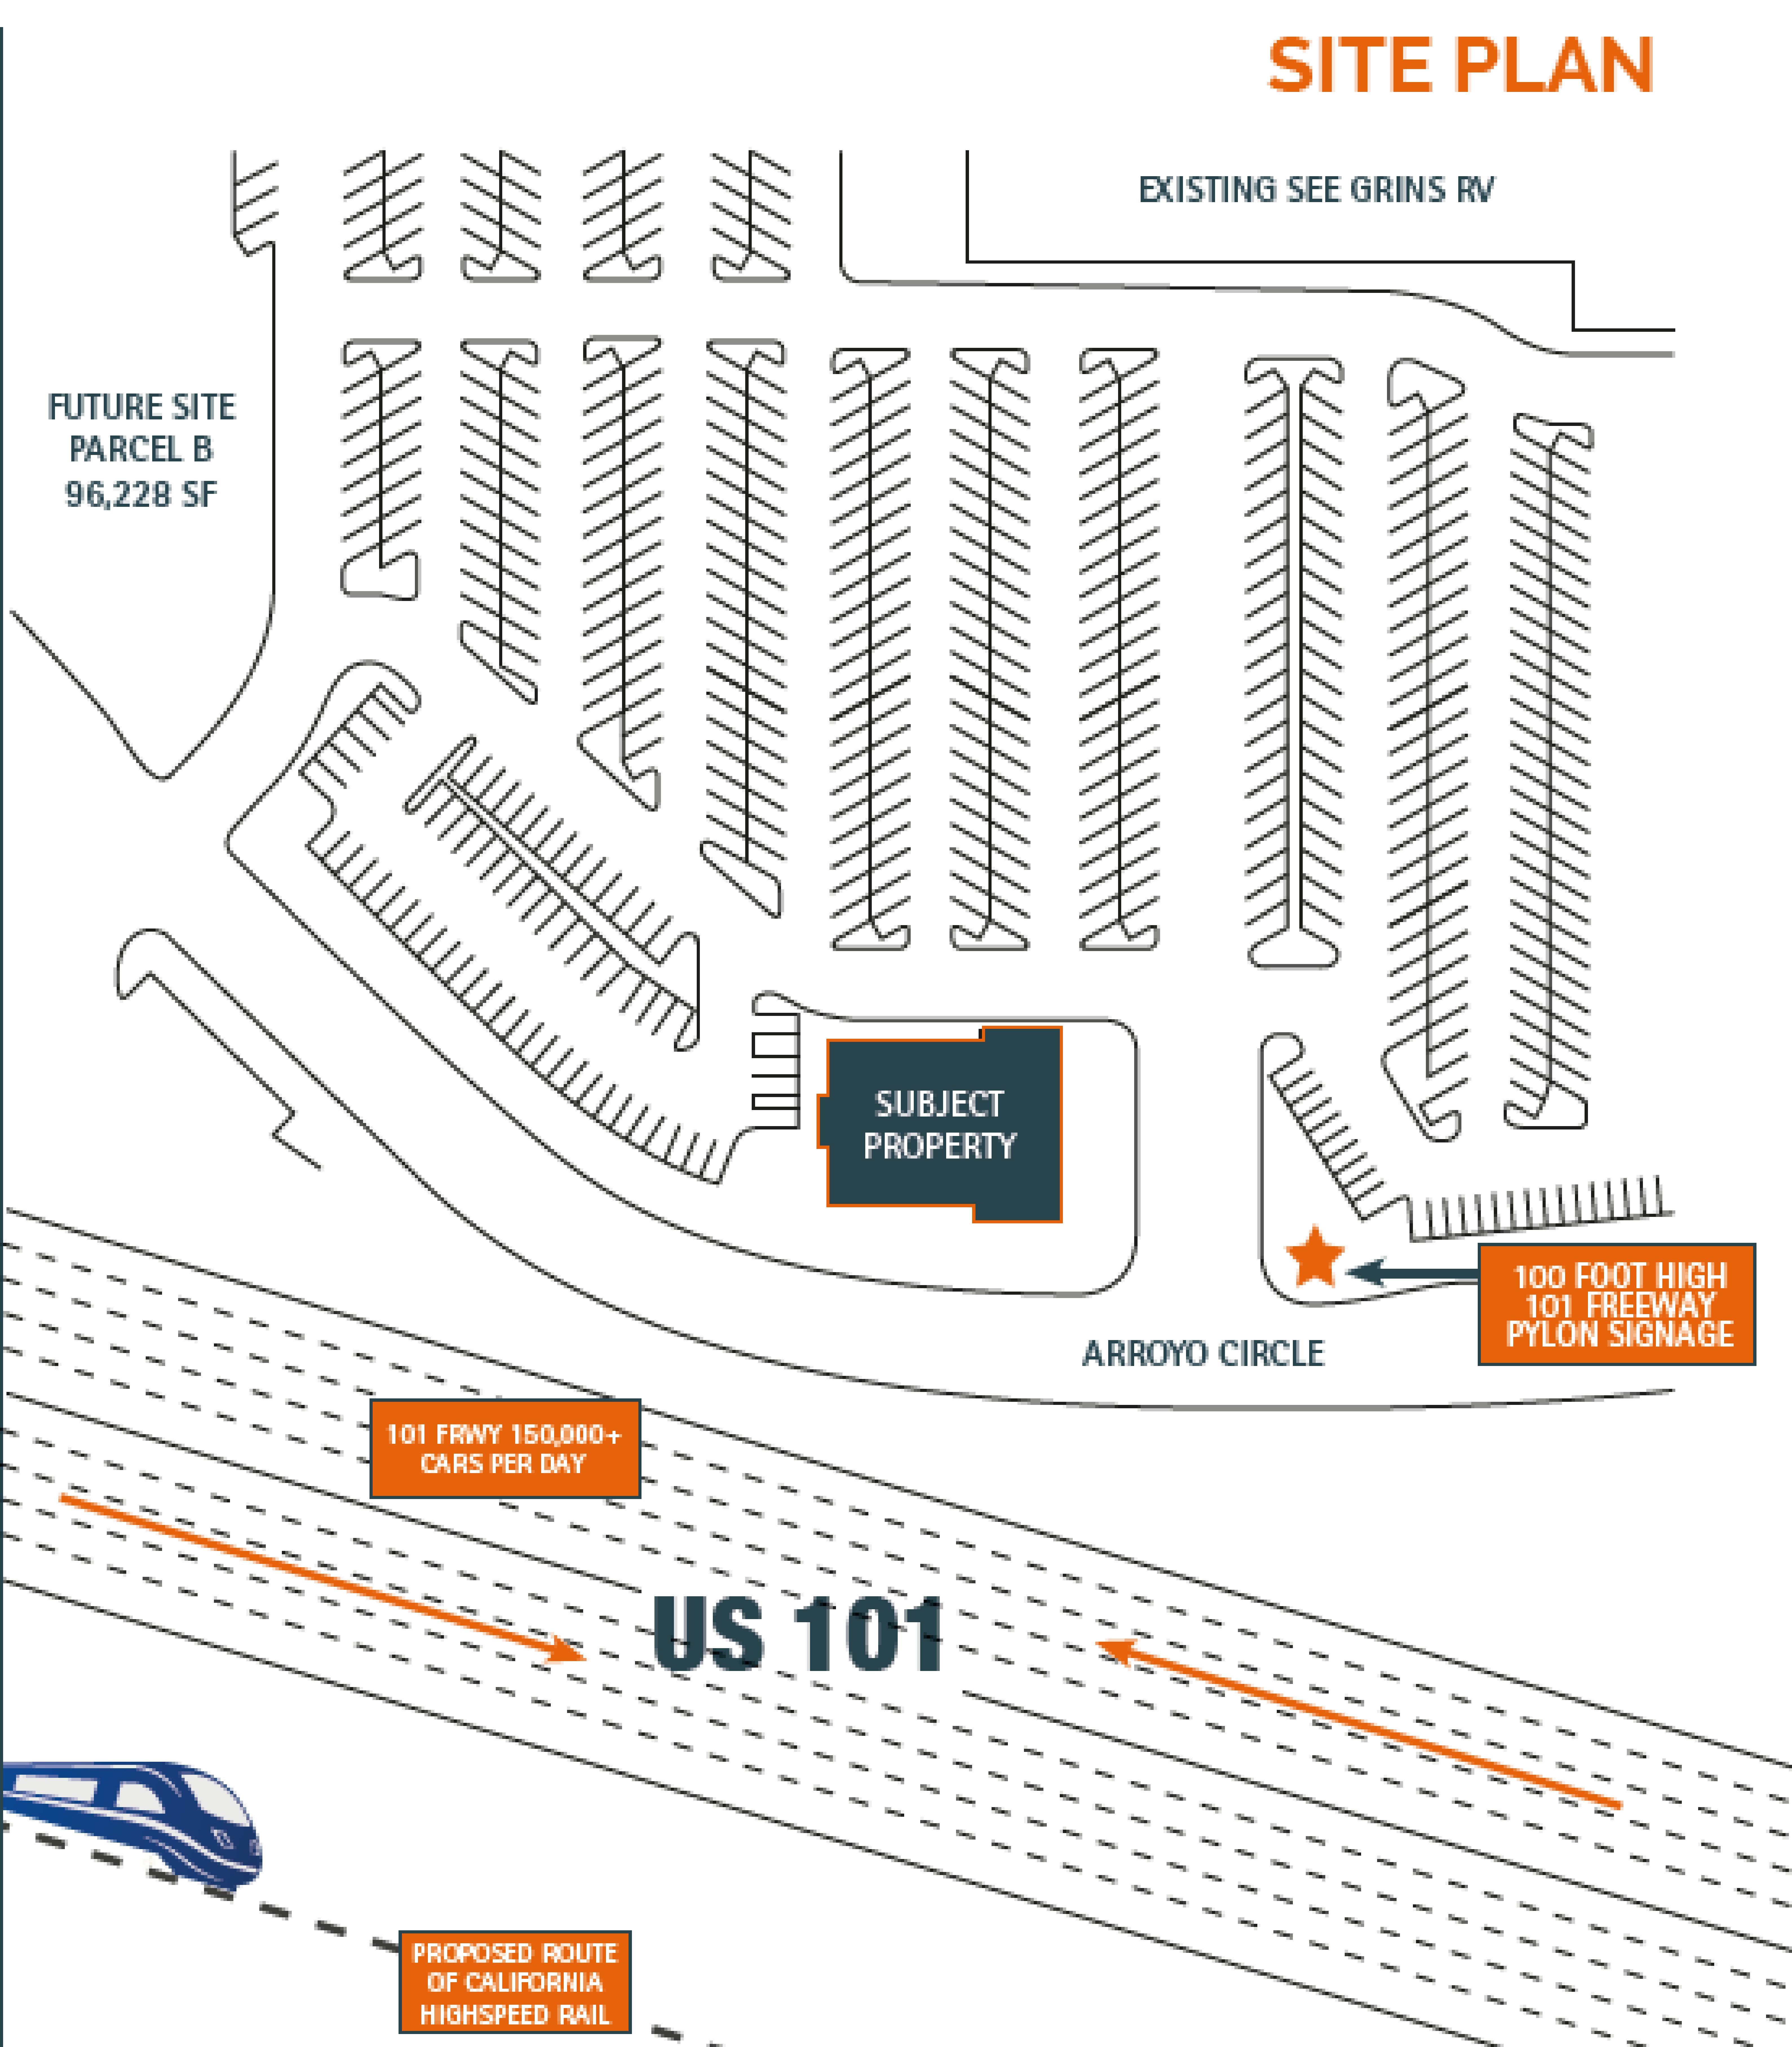 7950 Arroyo: site plan